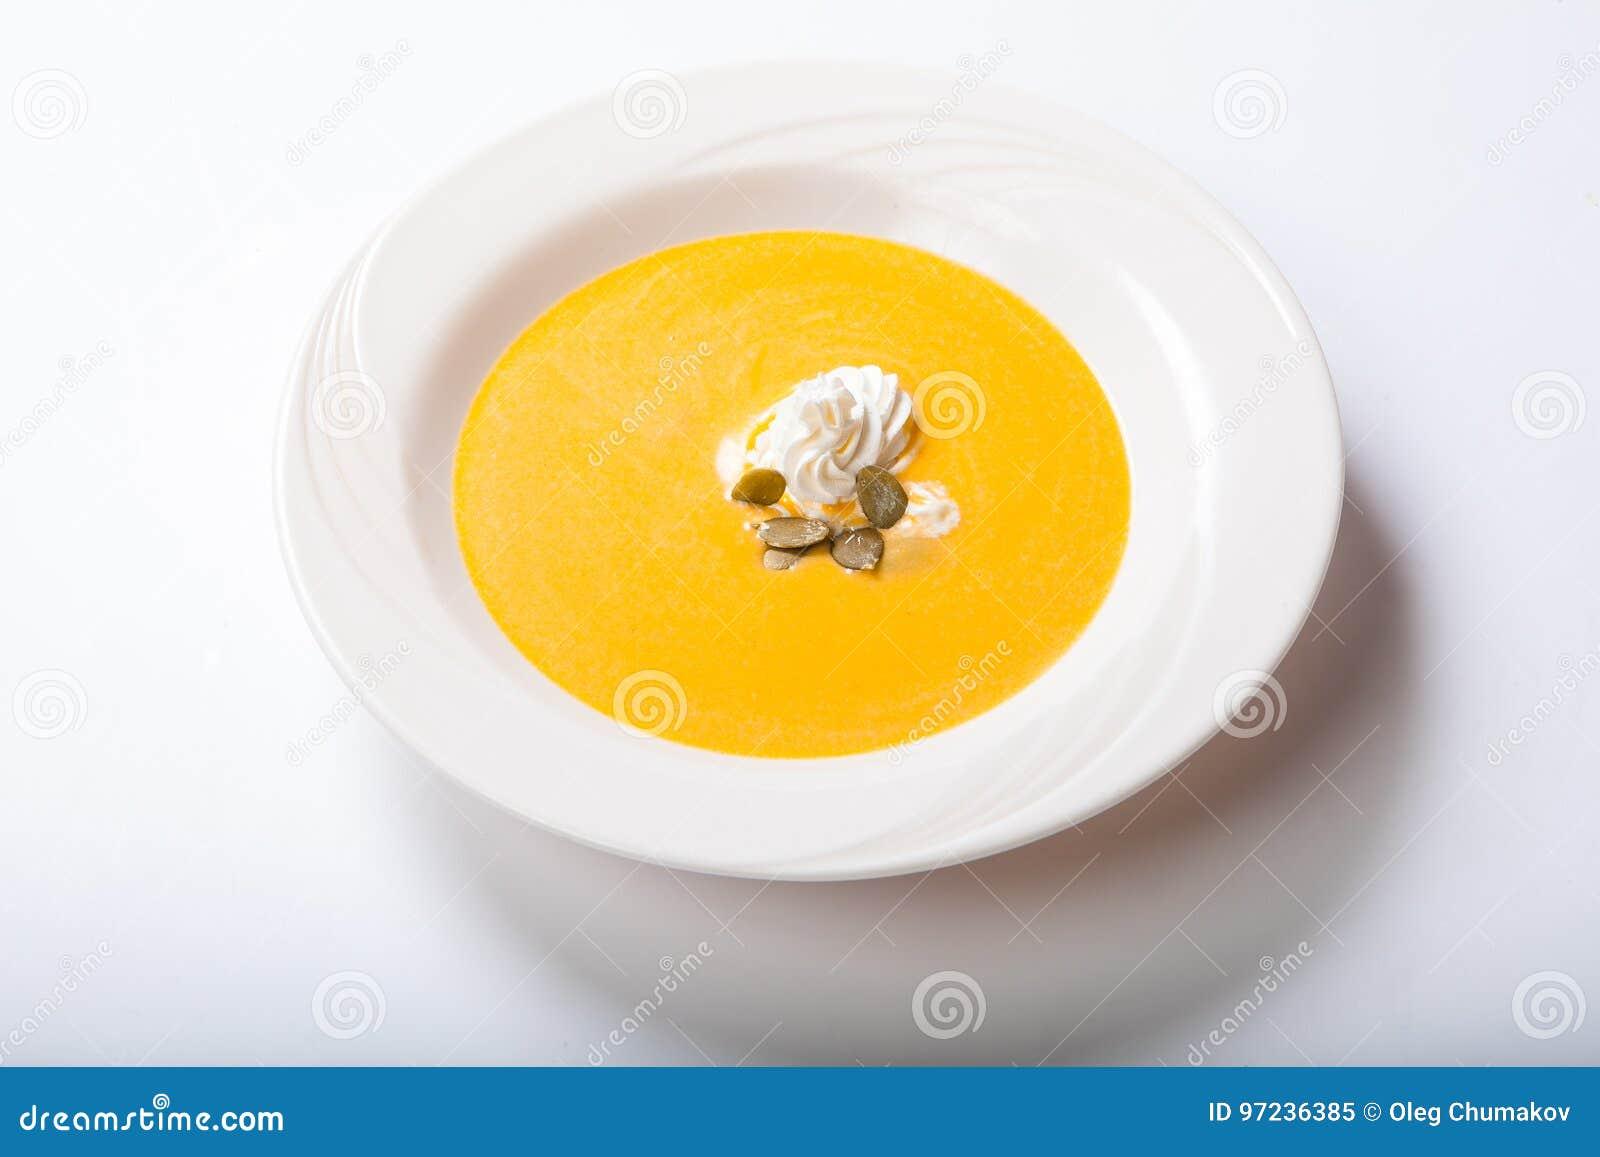 Σούπα κολοκύθας με τους κτυπημένους σπόρους κρέμας και κολοκύθας